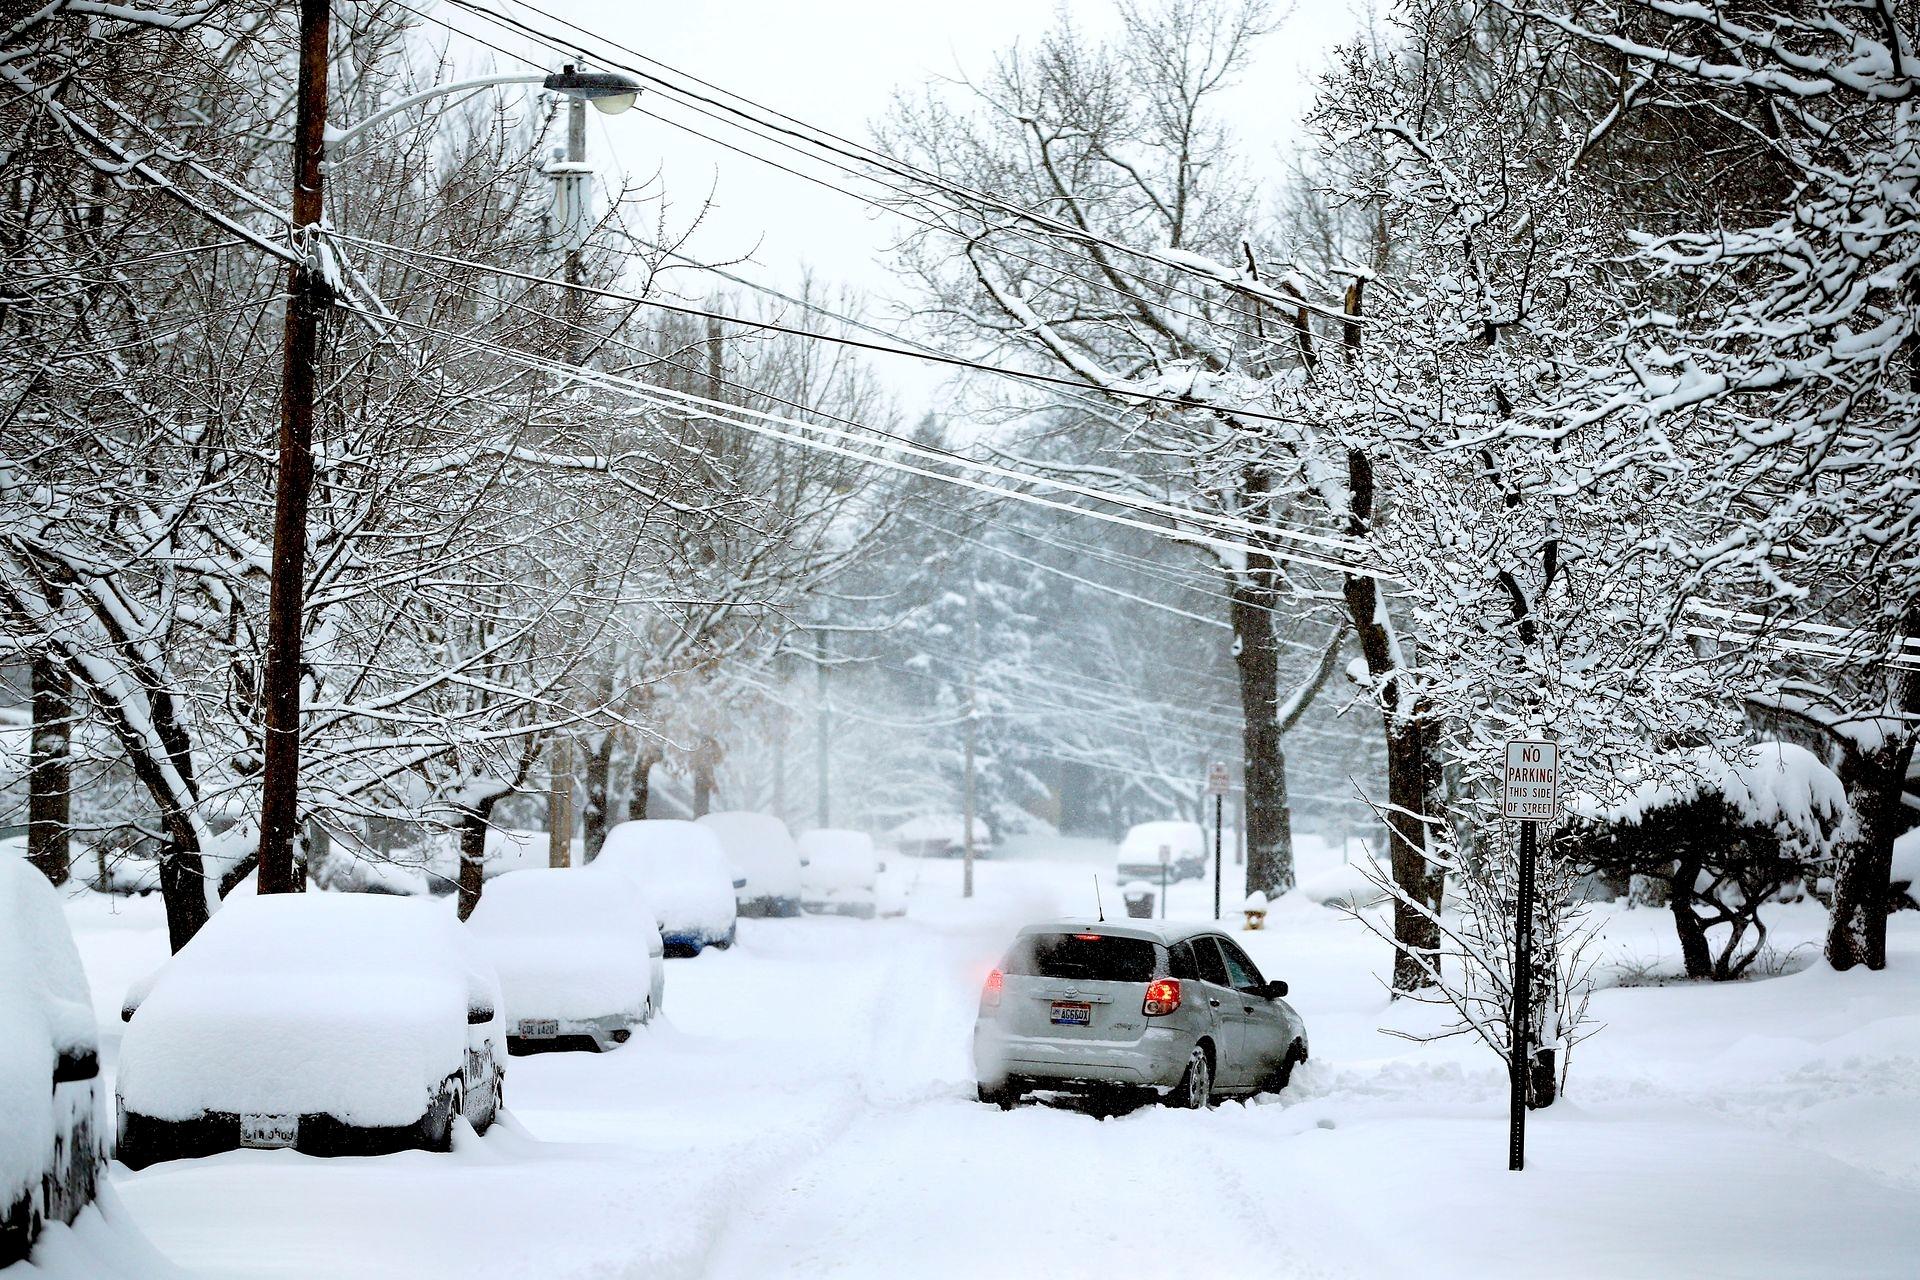 Mùa đông khắc nghiệt với tuyết rơi dày ở nhiều nơi trên thế giới Ảnh 19